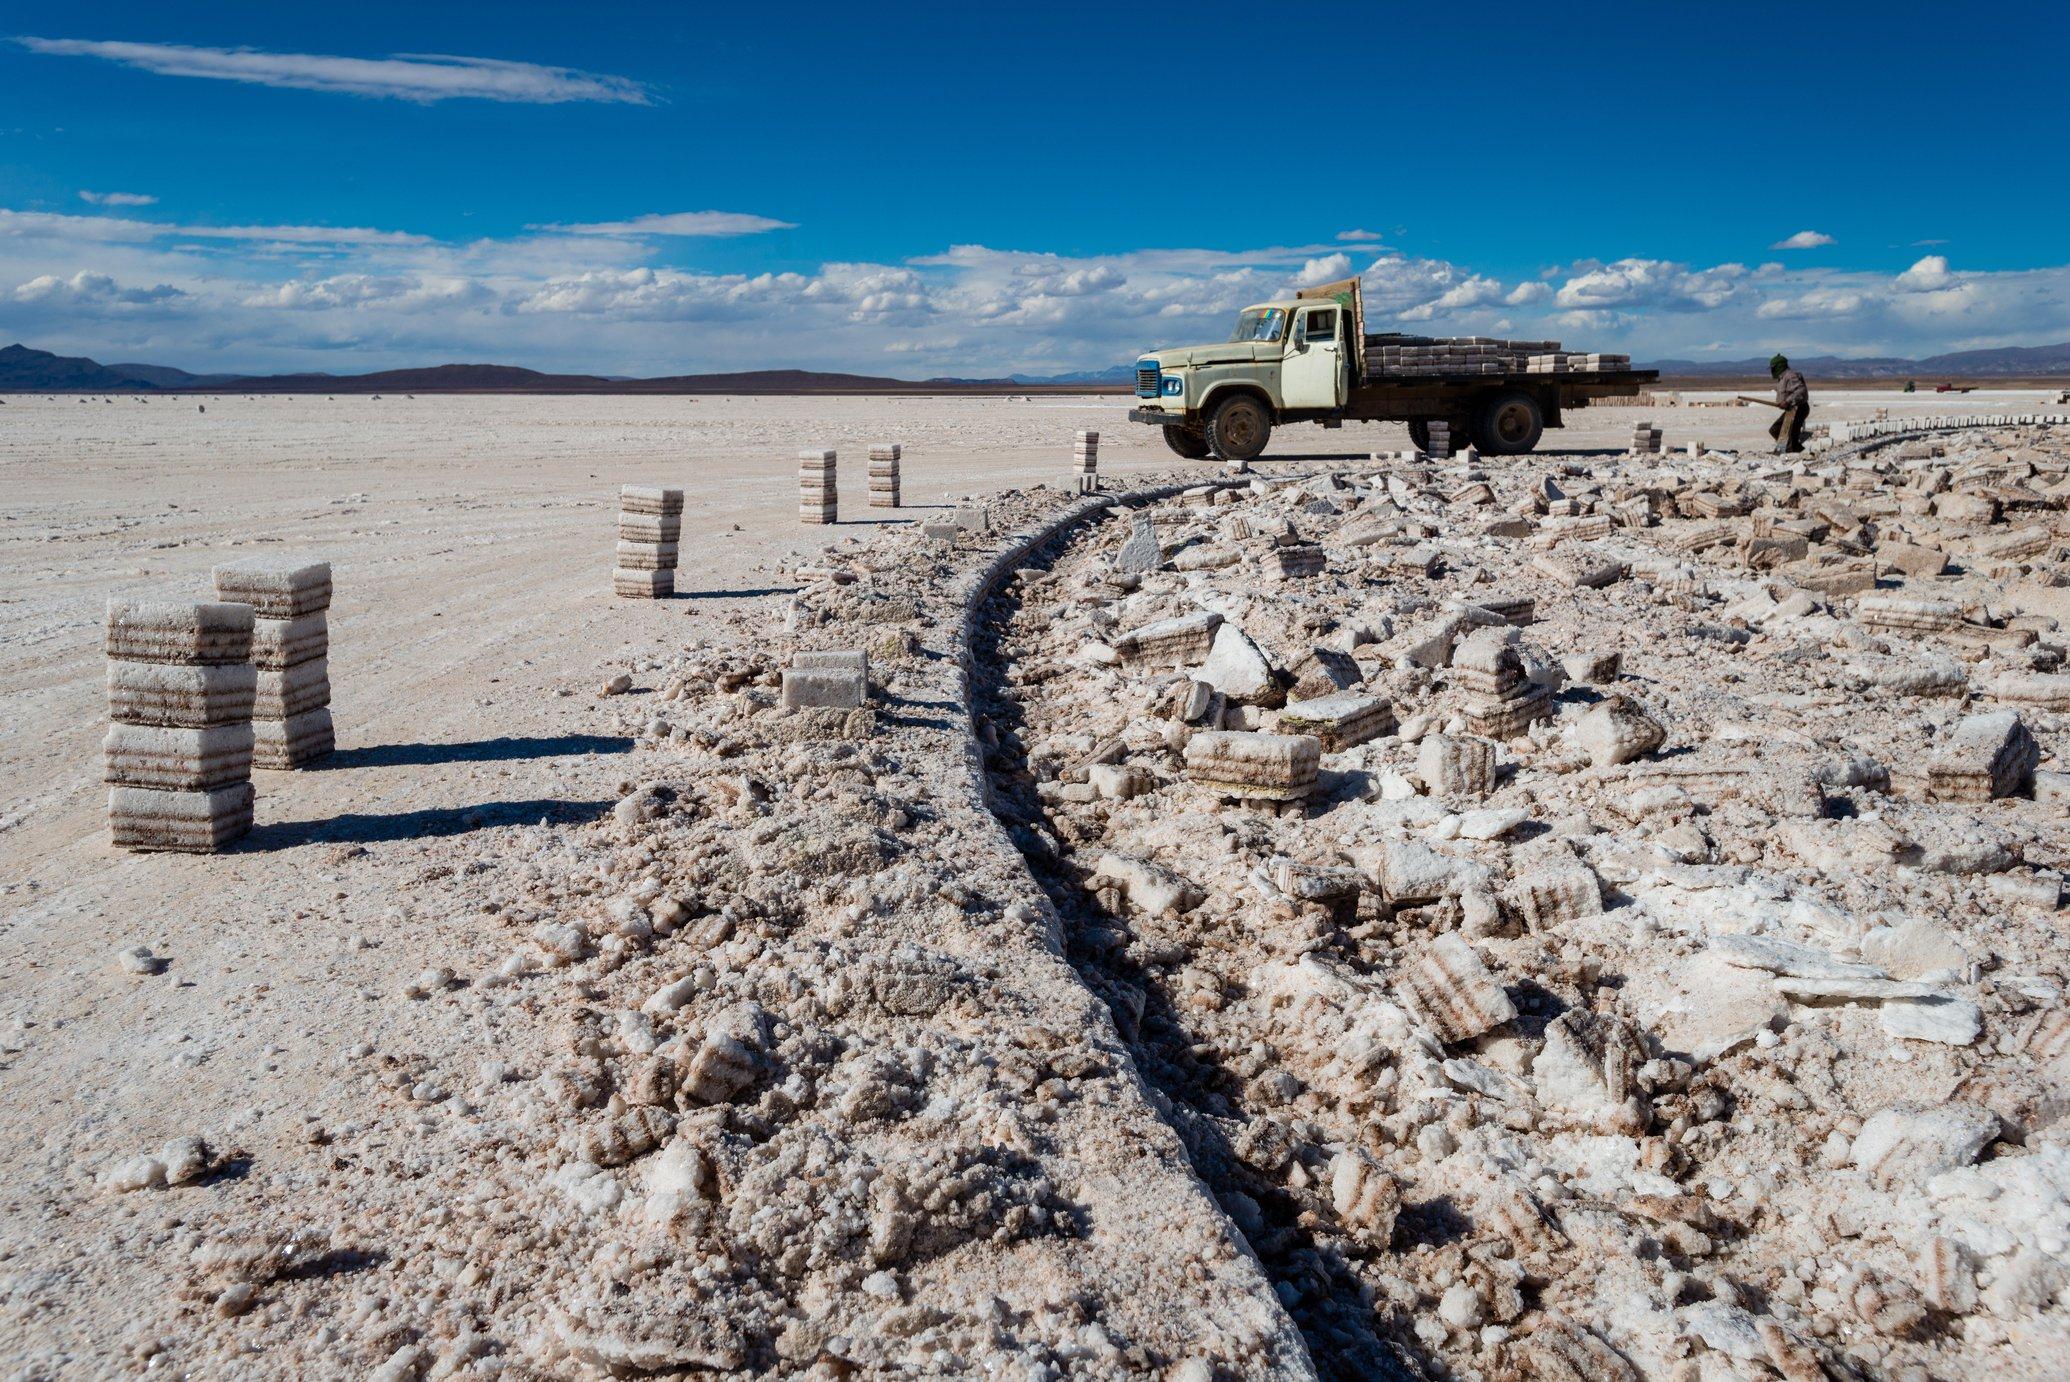 Lithium mining taking place in Salar de Uyuni, Bolivia.